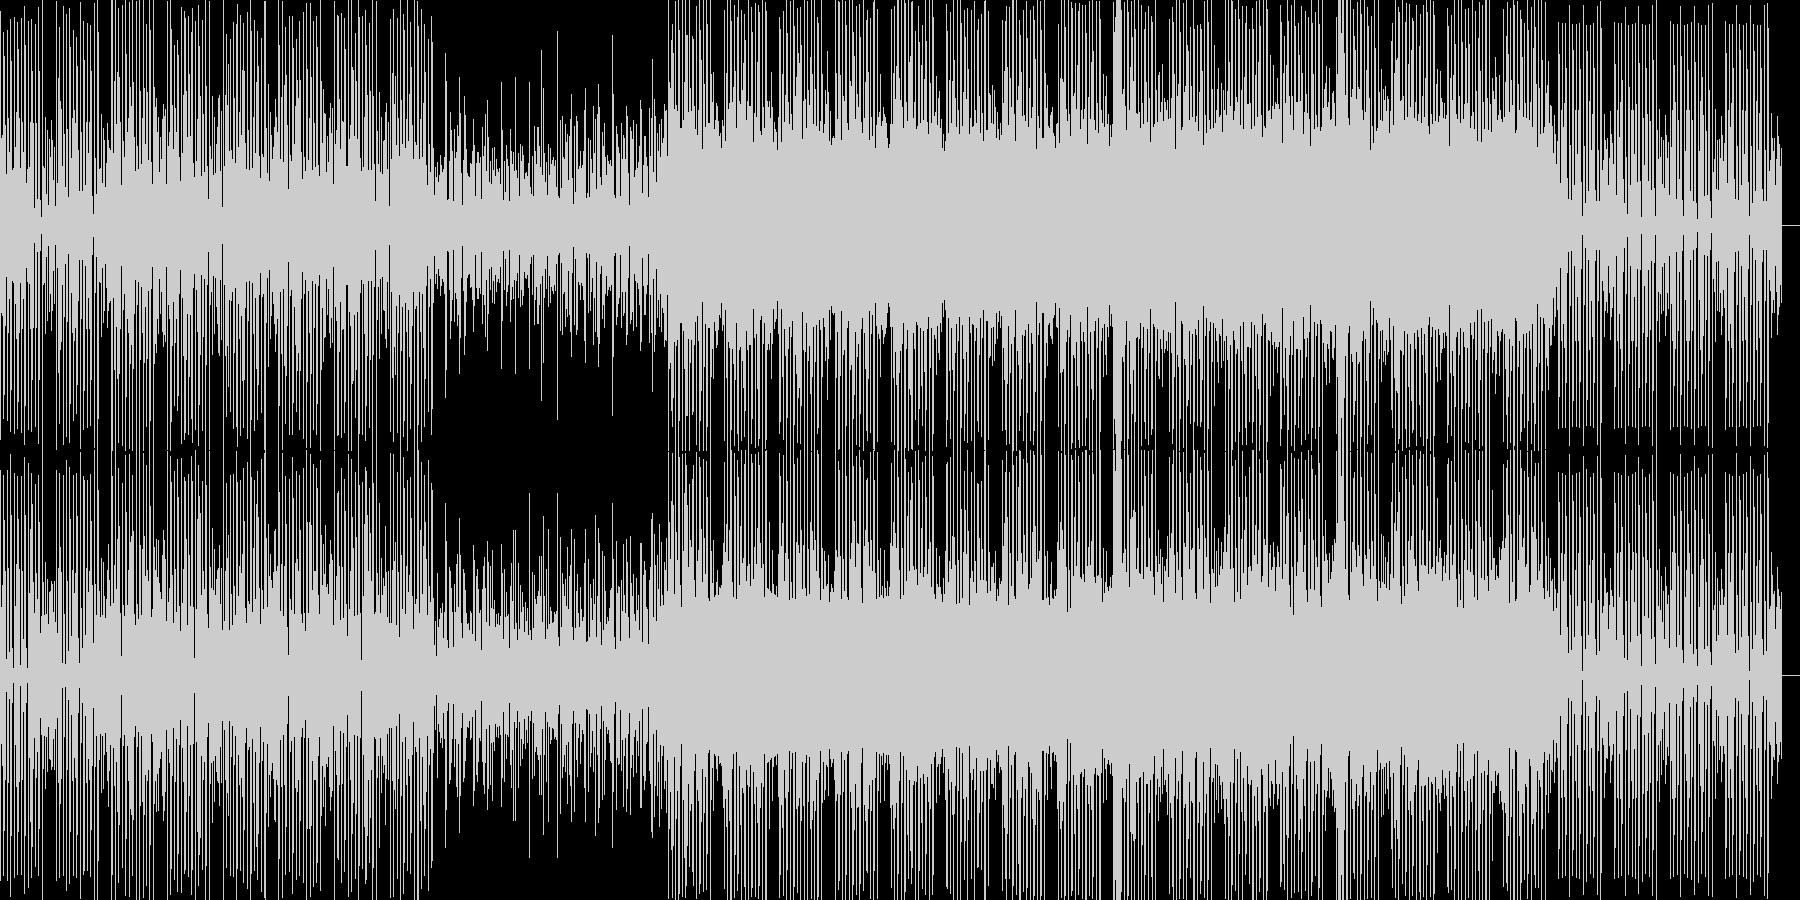 最先端の科学をイメージ。テクノ系サウンドの未再生の波形